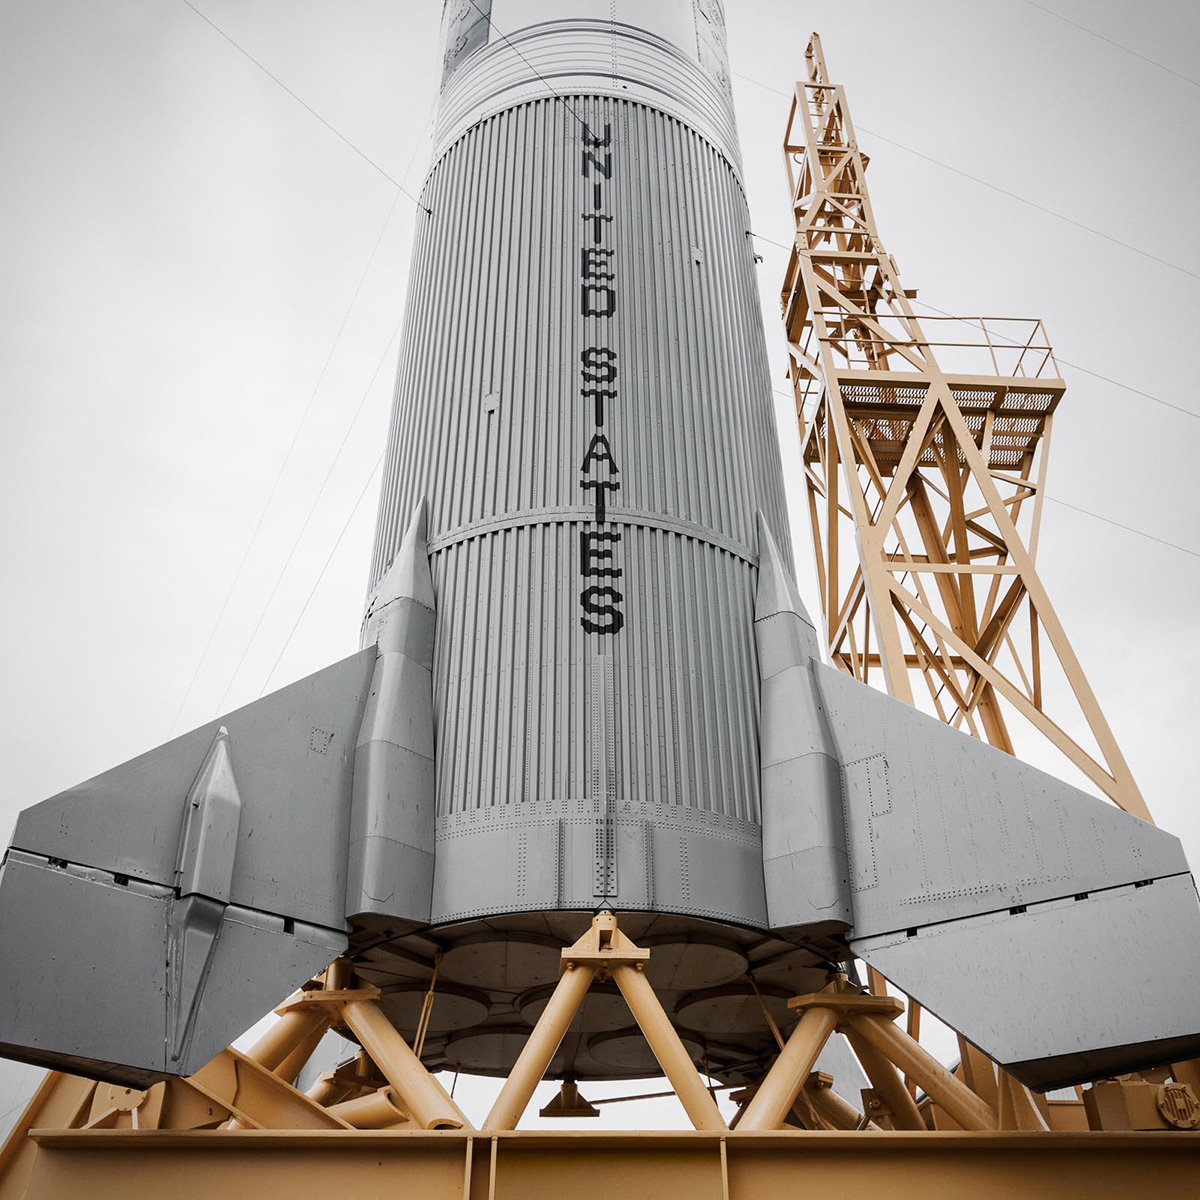 NASA United States Rocket by Jordan Reeder